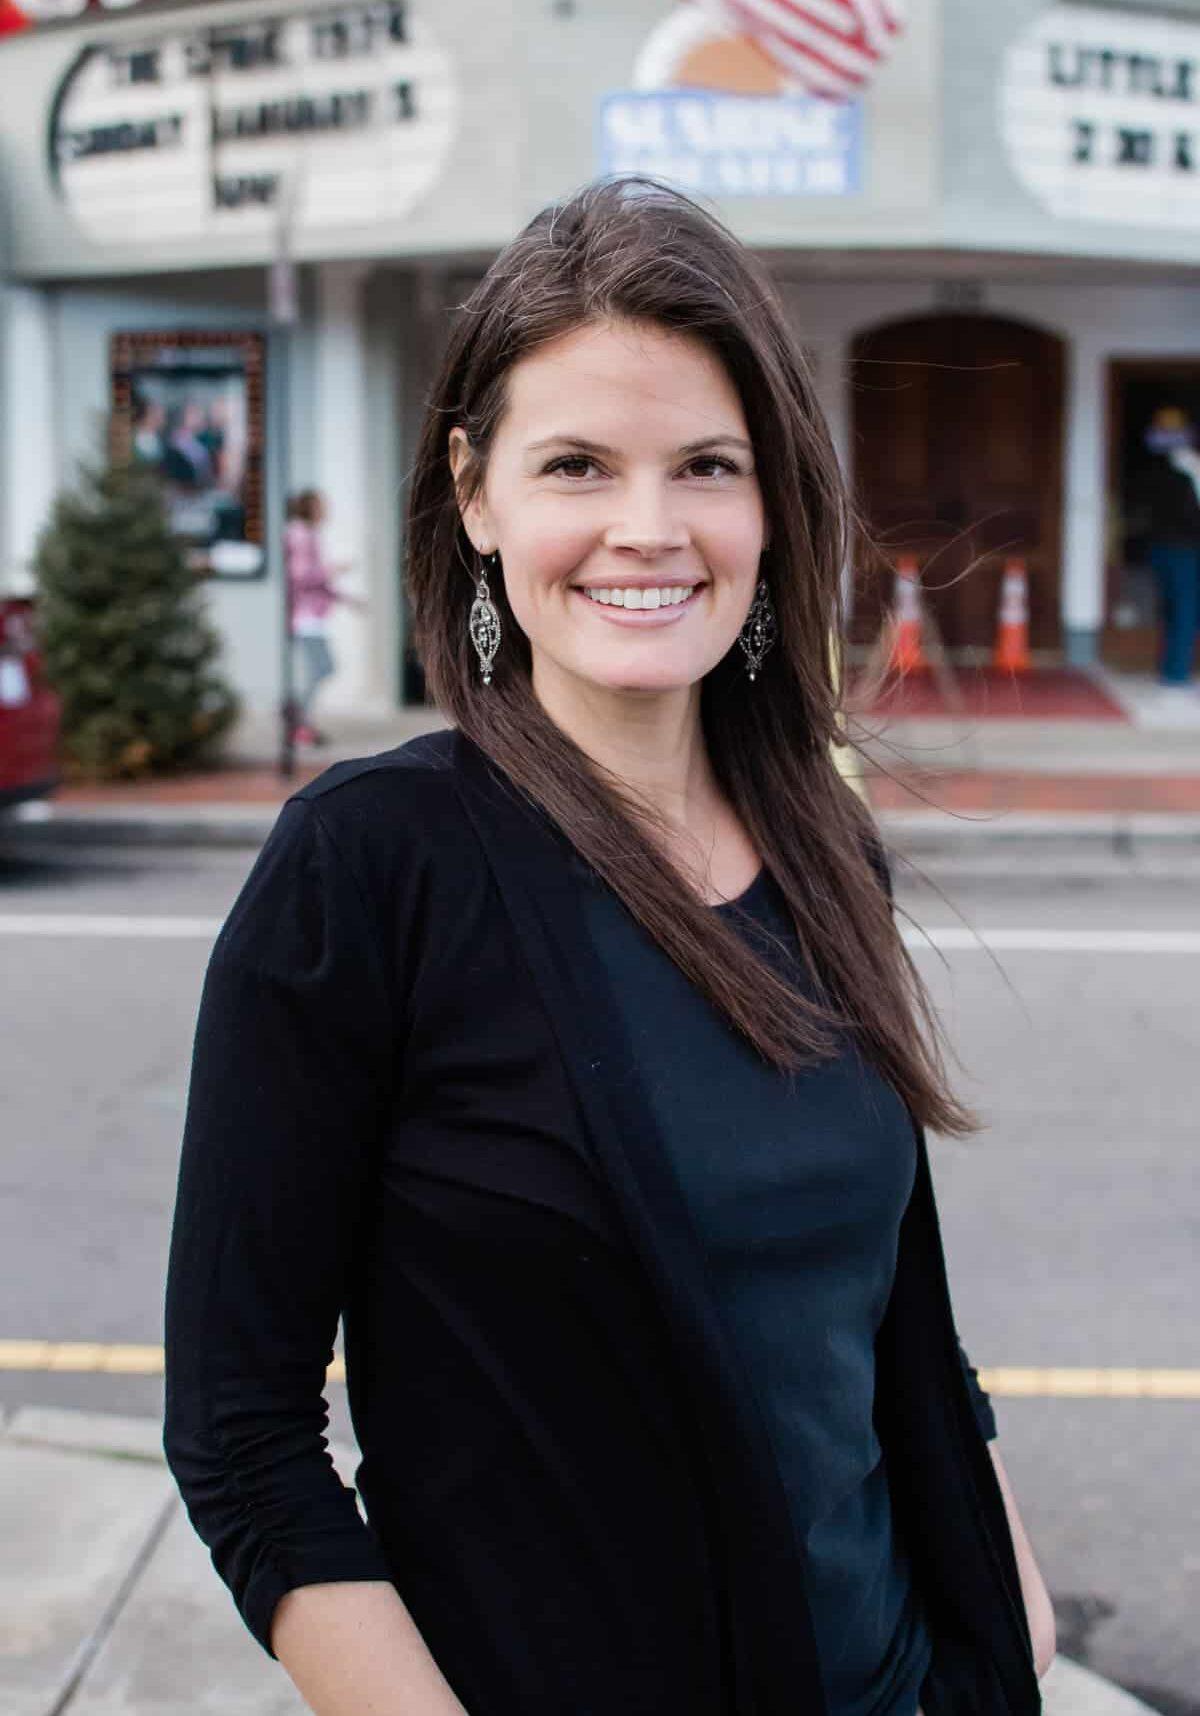 Jenn Powell